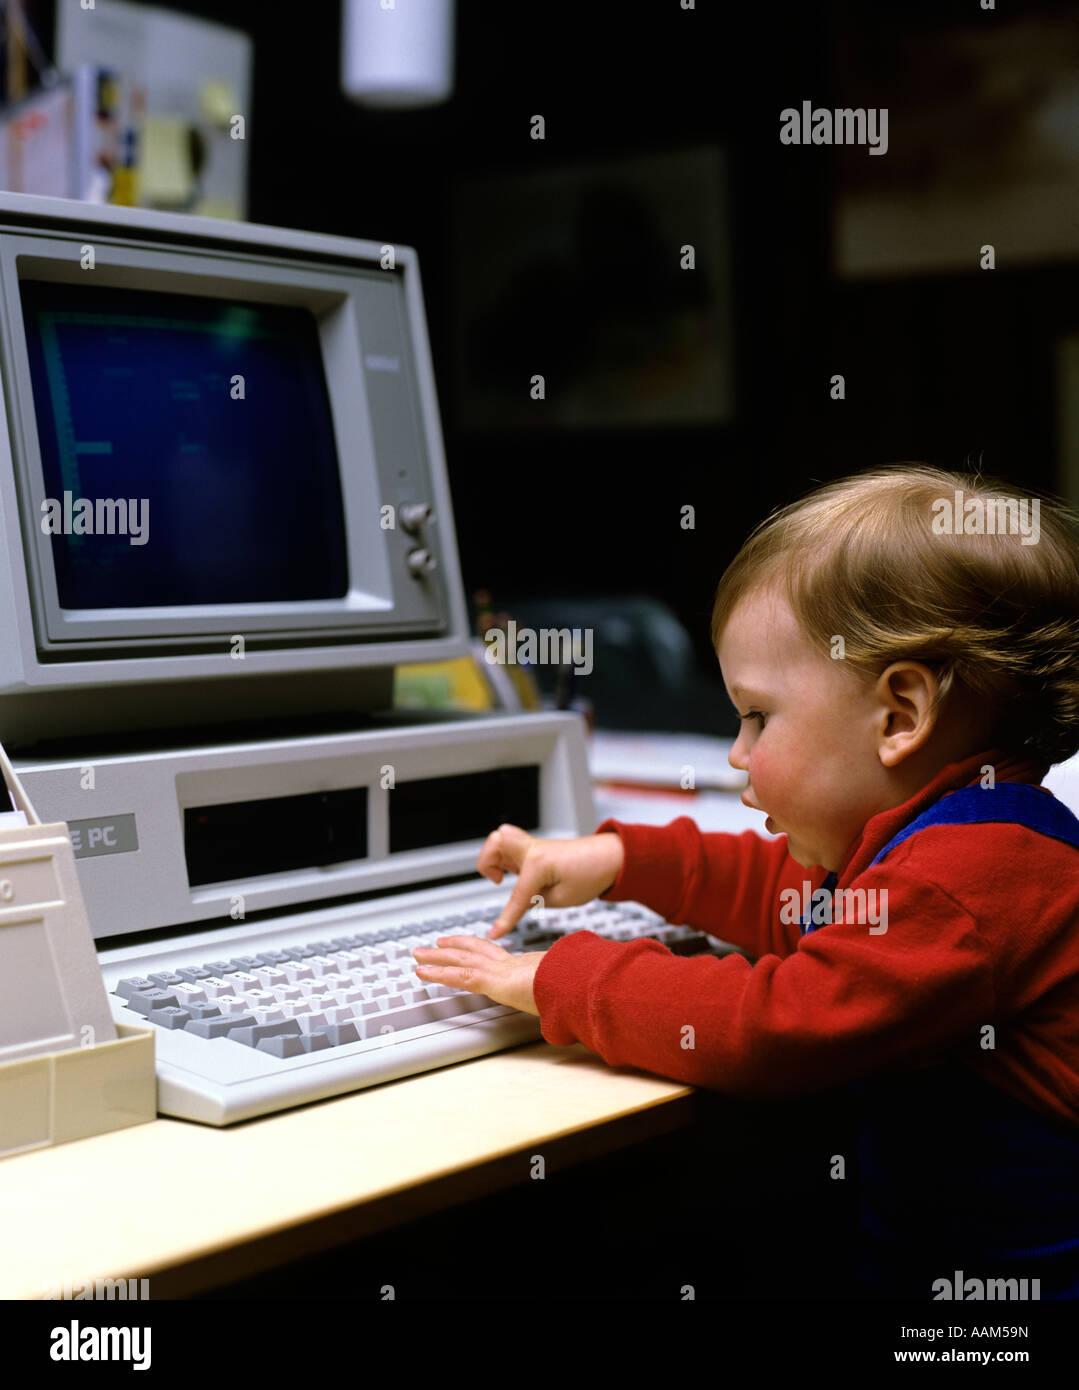 1980 JEUNE ENFANT Garçon Fille jouant avec début de l'ordinateur IBM PC EN APPUYANT SUR LA TOUCHE Photo Stock